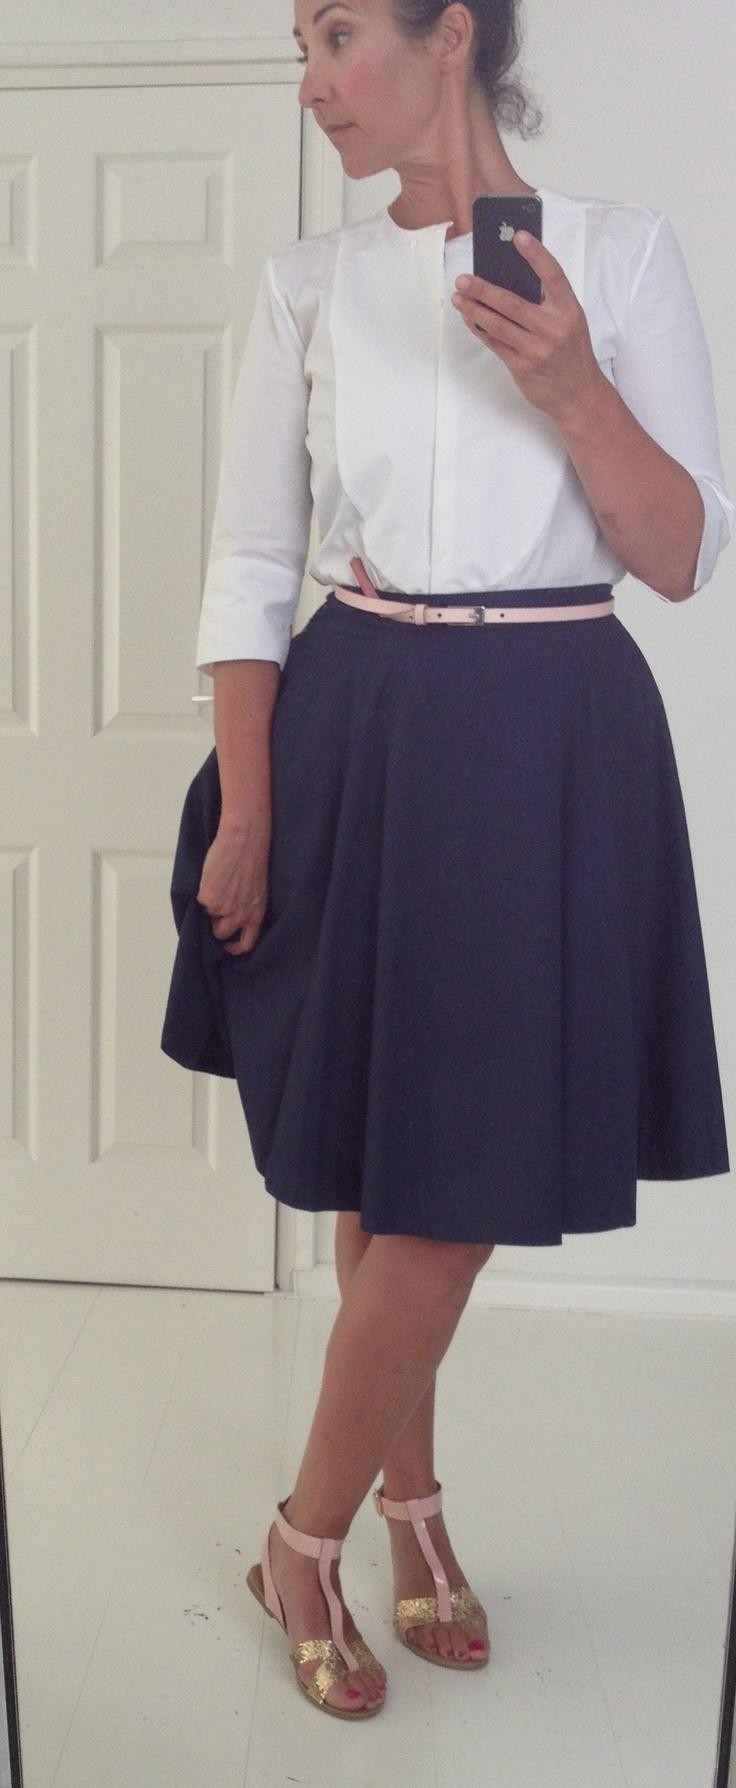 Outfitje:Helder wit...Deze temperatuur vraagt om heldere kleuren.   Mijn favo zomer'kleur' is wit. Fris, verkoelend en helder..   Blouse ZARA, Cirkelrok COS, ceintuurtje H